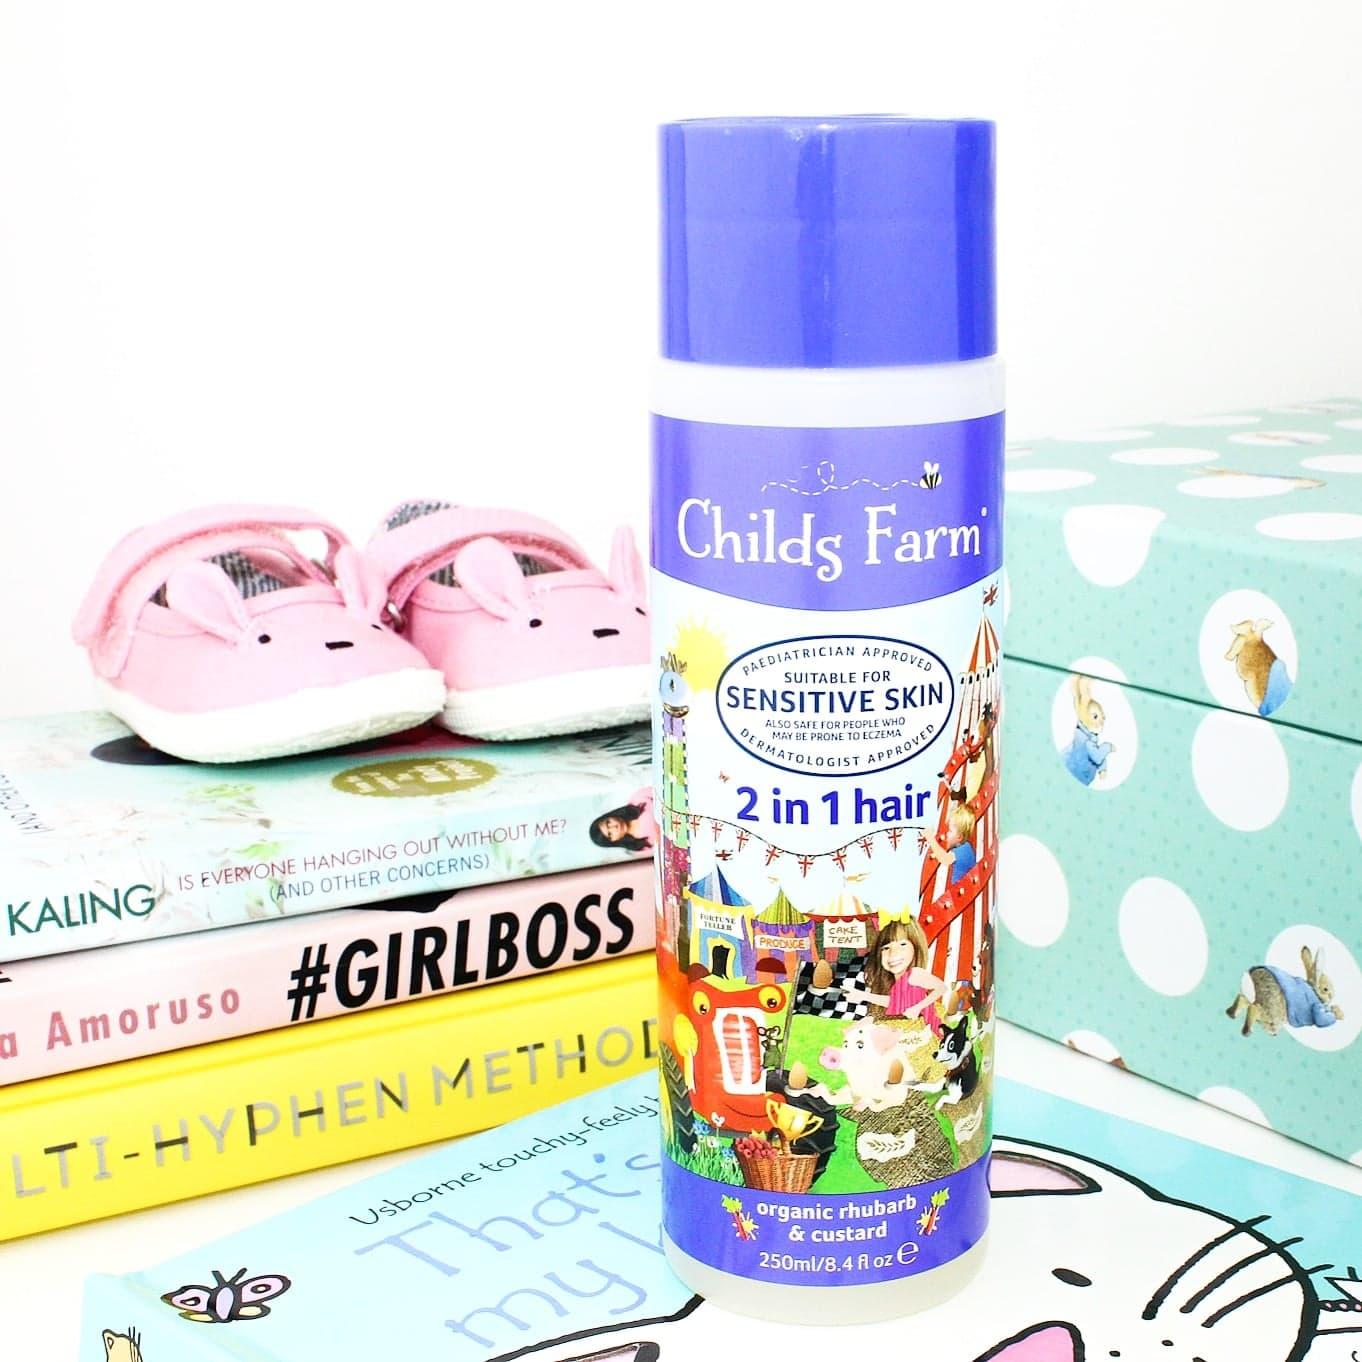 Childs Farm 2 in 1 Shampoo & Conditioner in Organic Rhubarb & Custard